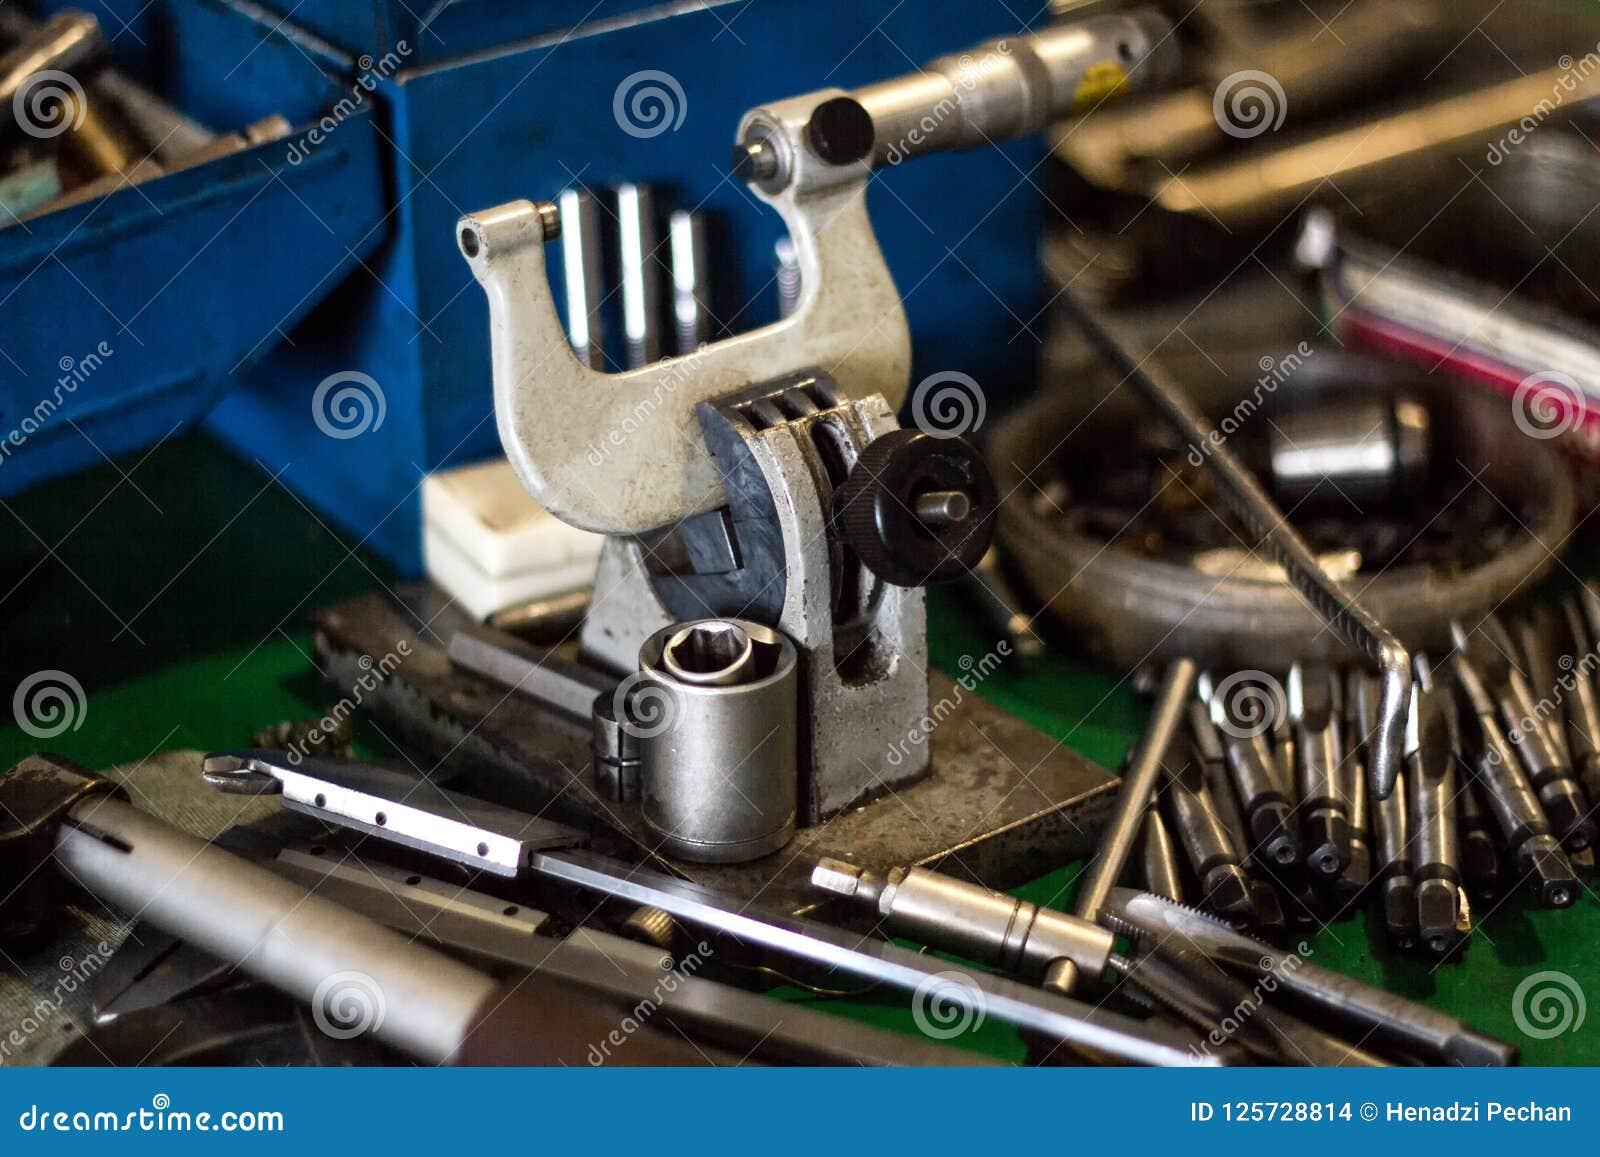 Mikrometer und andere Werkzeuge für Metalllüge auf dem Tisch bohren und schneiden, Nahaufnahme, stellend her